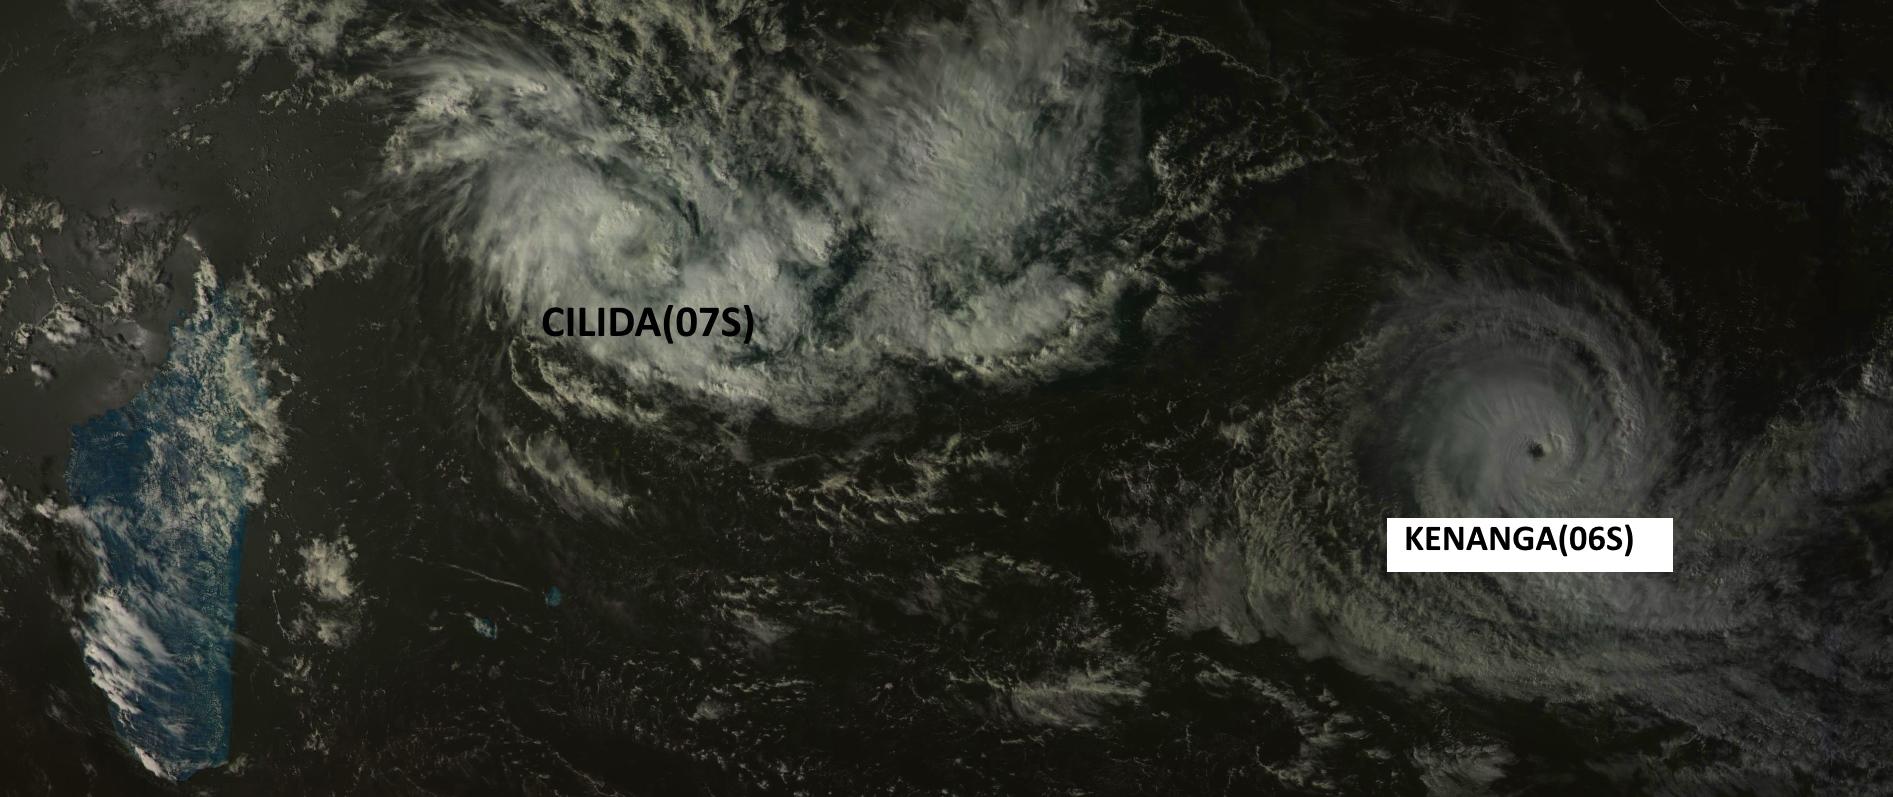 Cliquez sur l'image.Sur la droite le cyclone tropical intense KENANGA. Au nord des Mascareignes CILIDA est bien visible avec un centre net. La distance entre les deux systèmes va progressivent décroitre ces prochains jours alors que BENNAGA s'affaiblira dans le même temps CILIDA se renforcera. Satellite: Goms-2,15h.